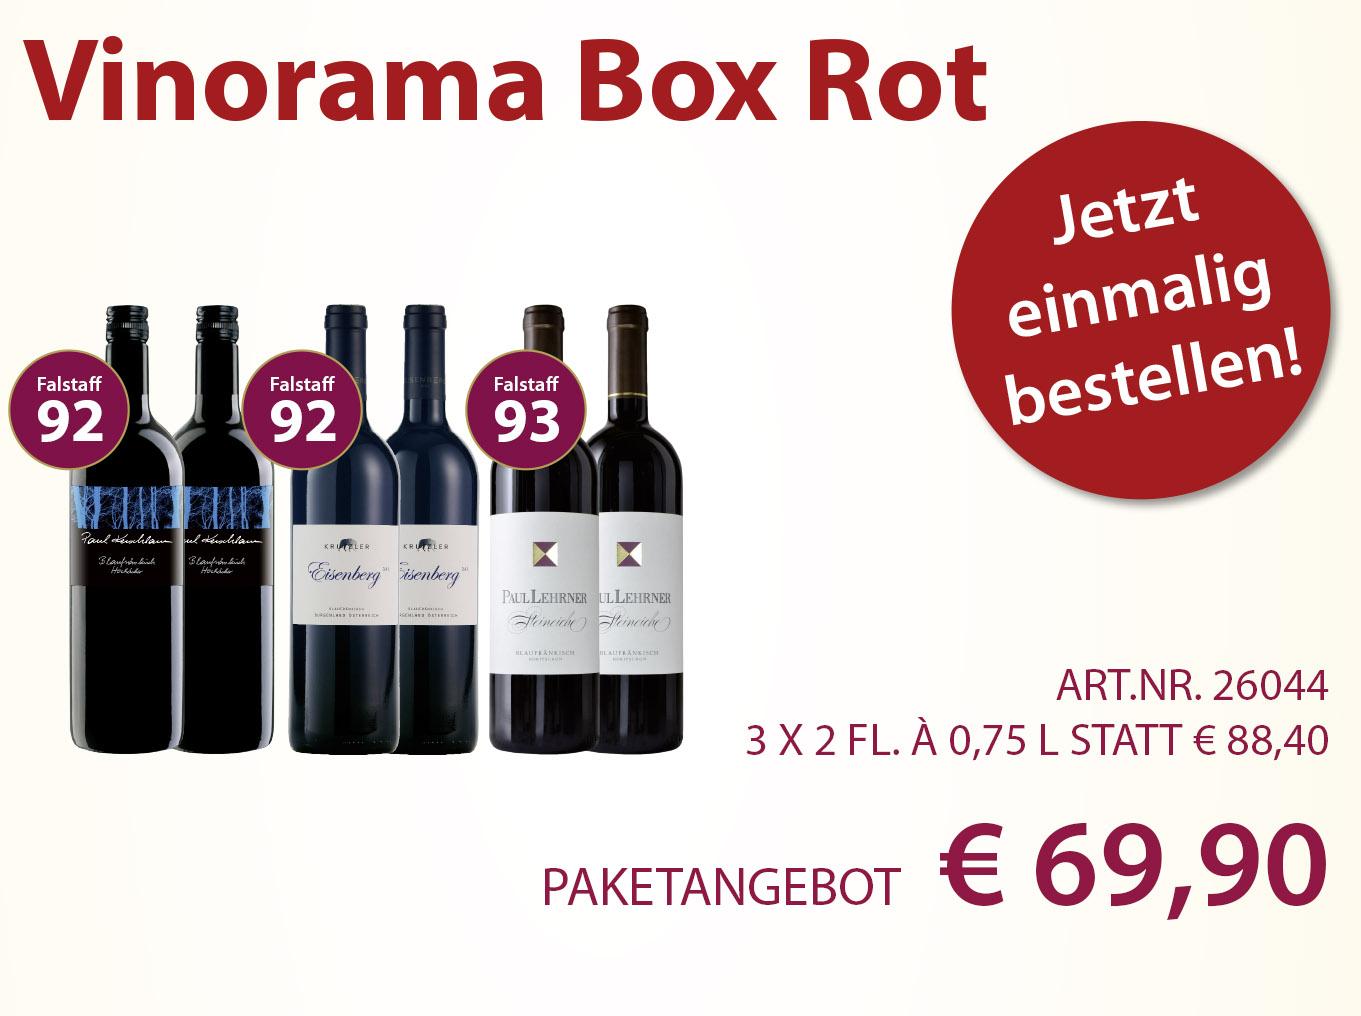 Vinorama Box Rot einmalig